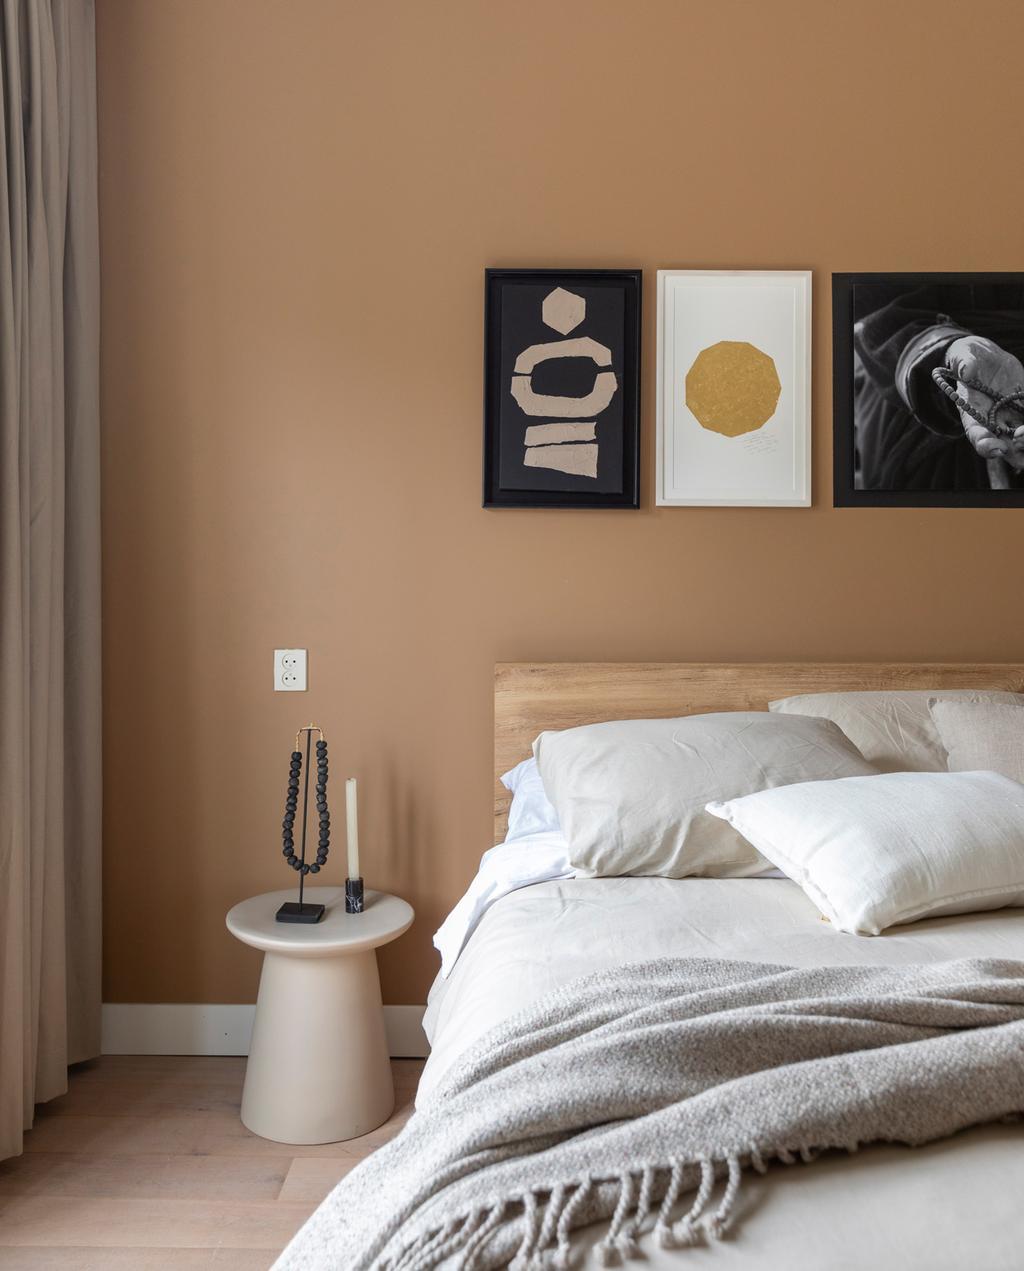 vtwonen weer verliefd op je huis | aflevering 10 seizoen 13 | Stylist Liza in Utrecht | een hooikoorts proof huis